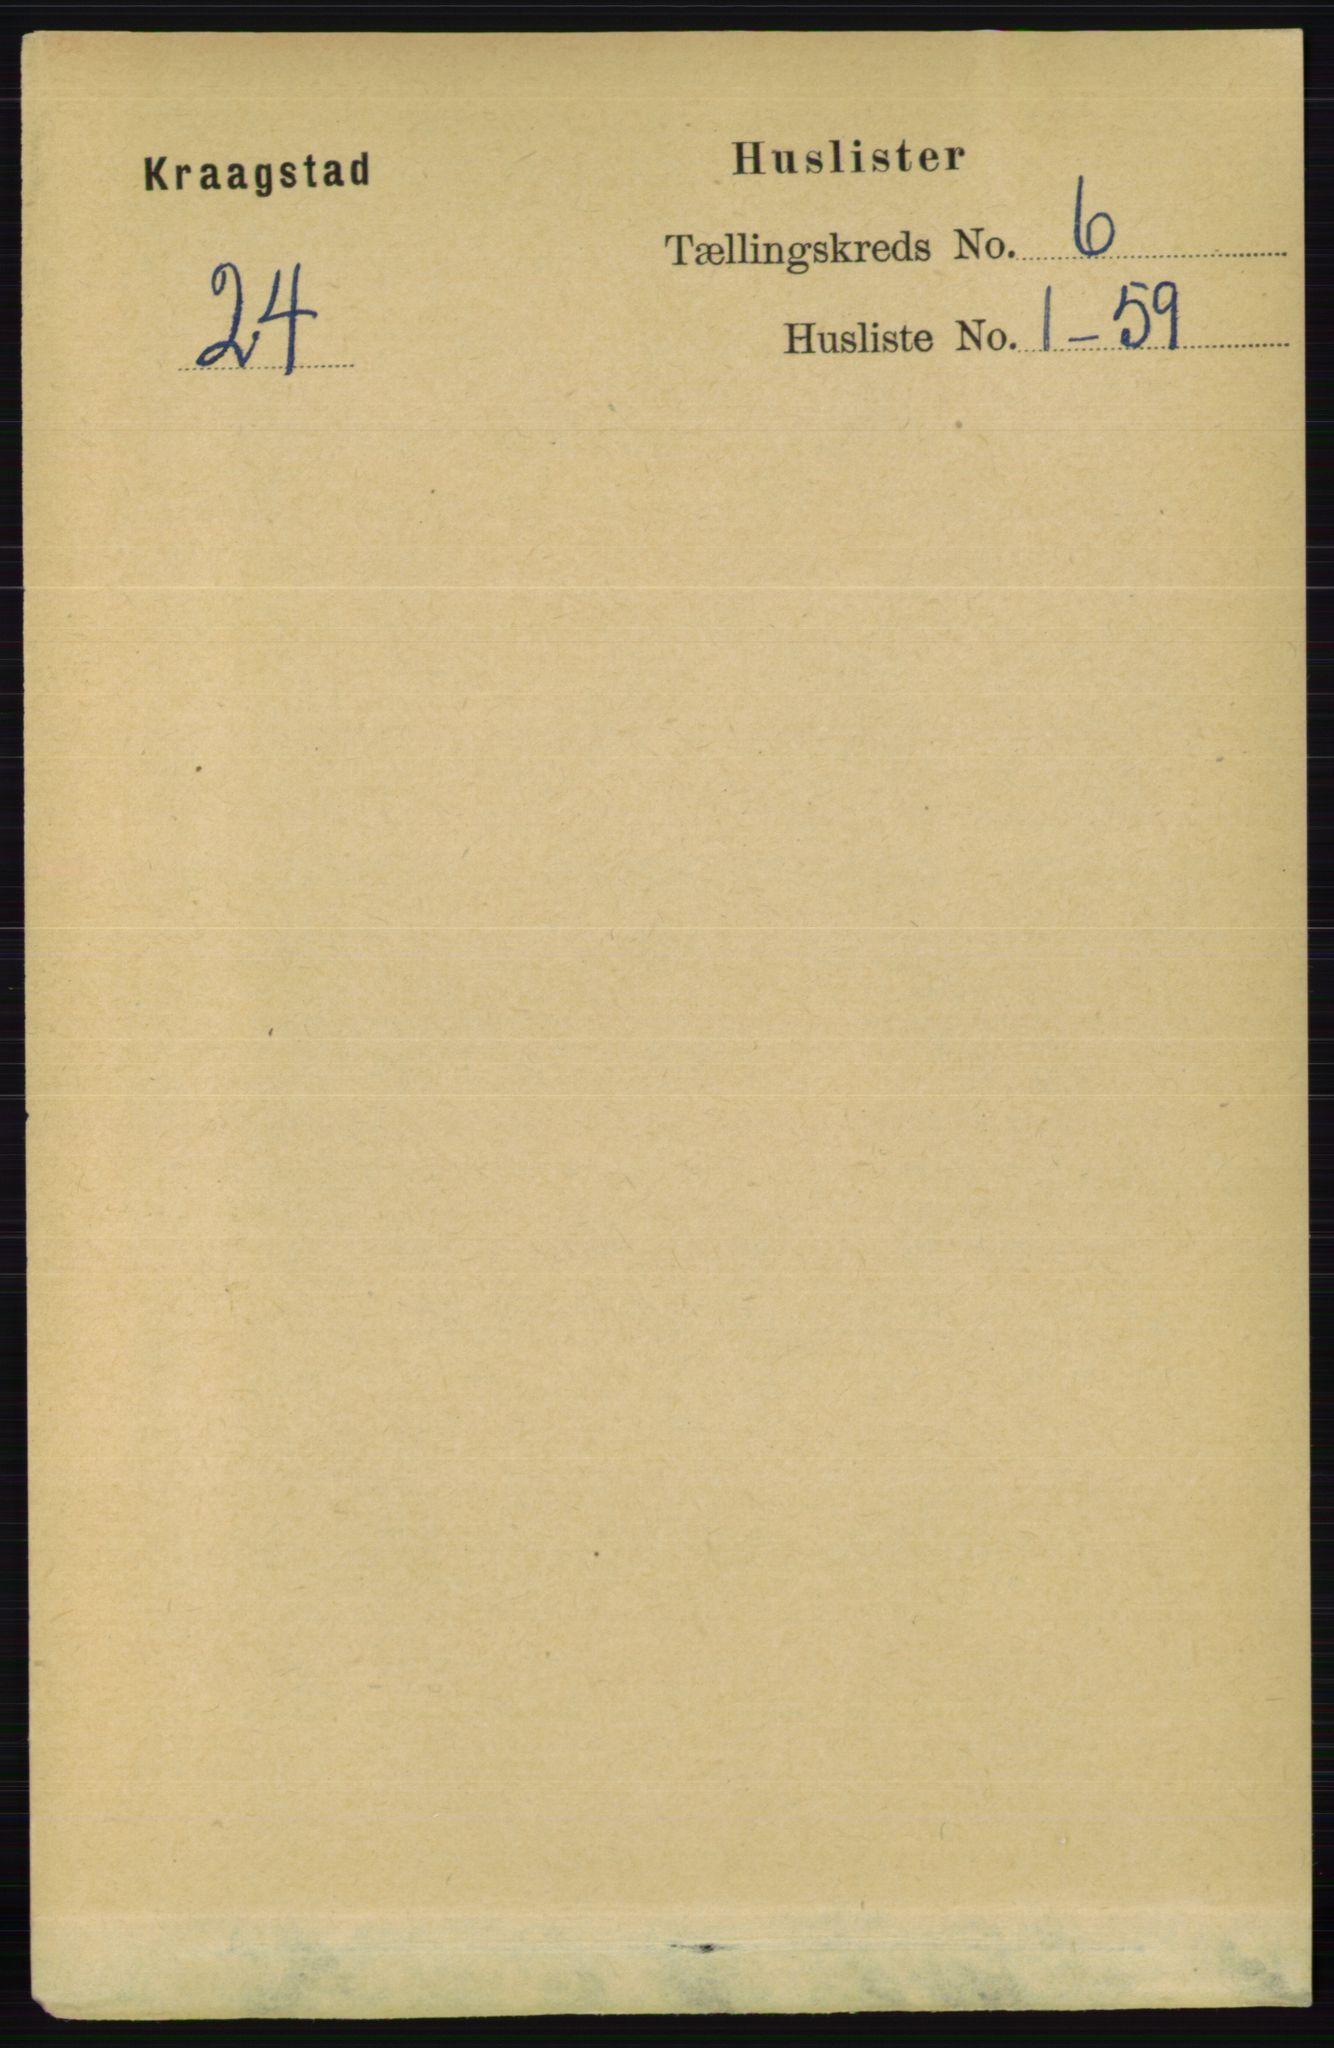 RA, Folketelling 1891 for 0212 Kråkstad herred, 1891, s. 2932